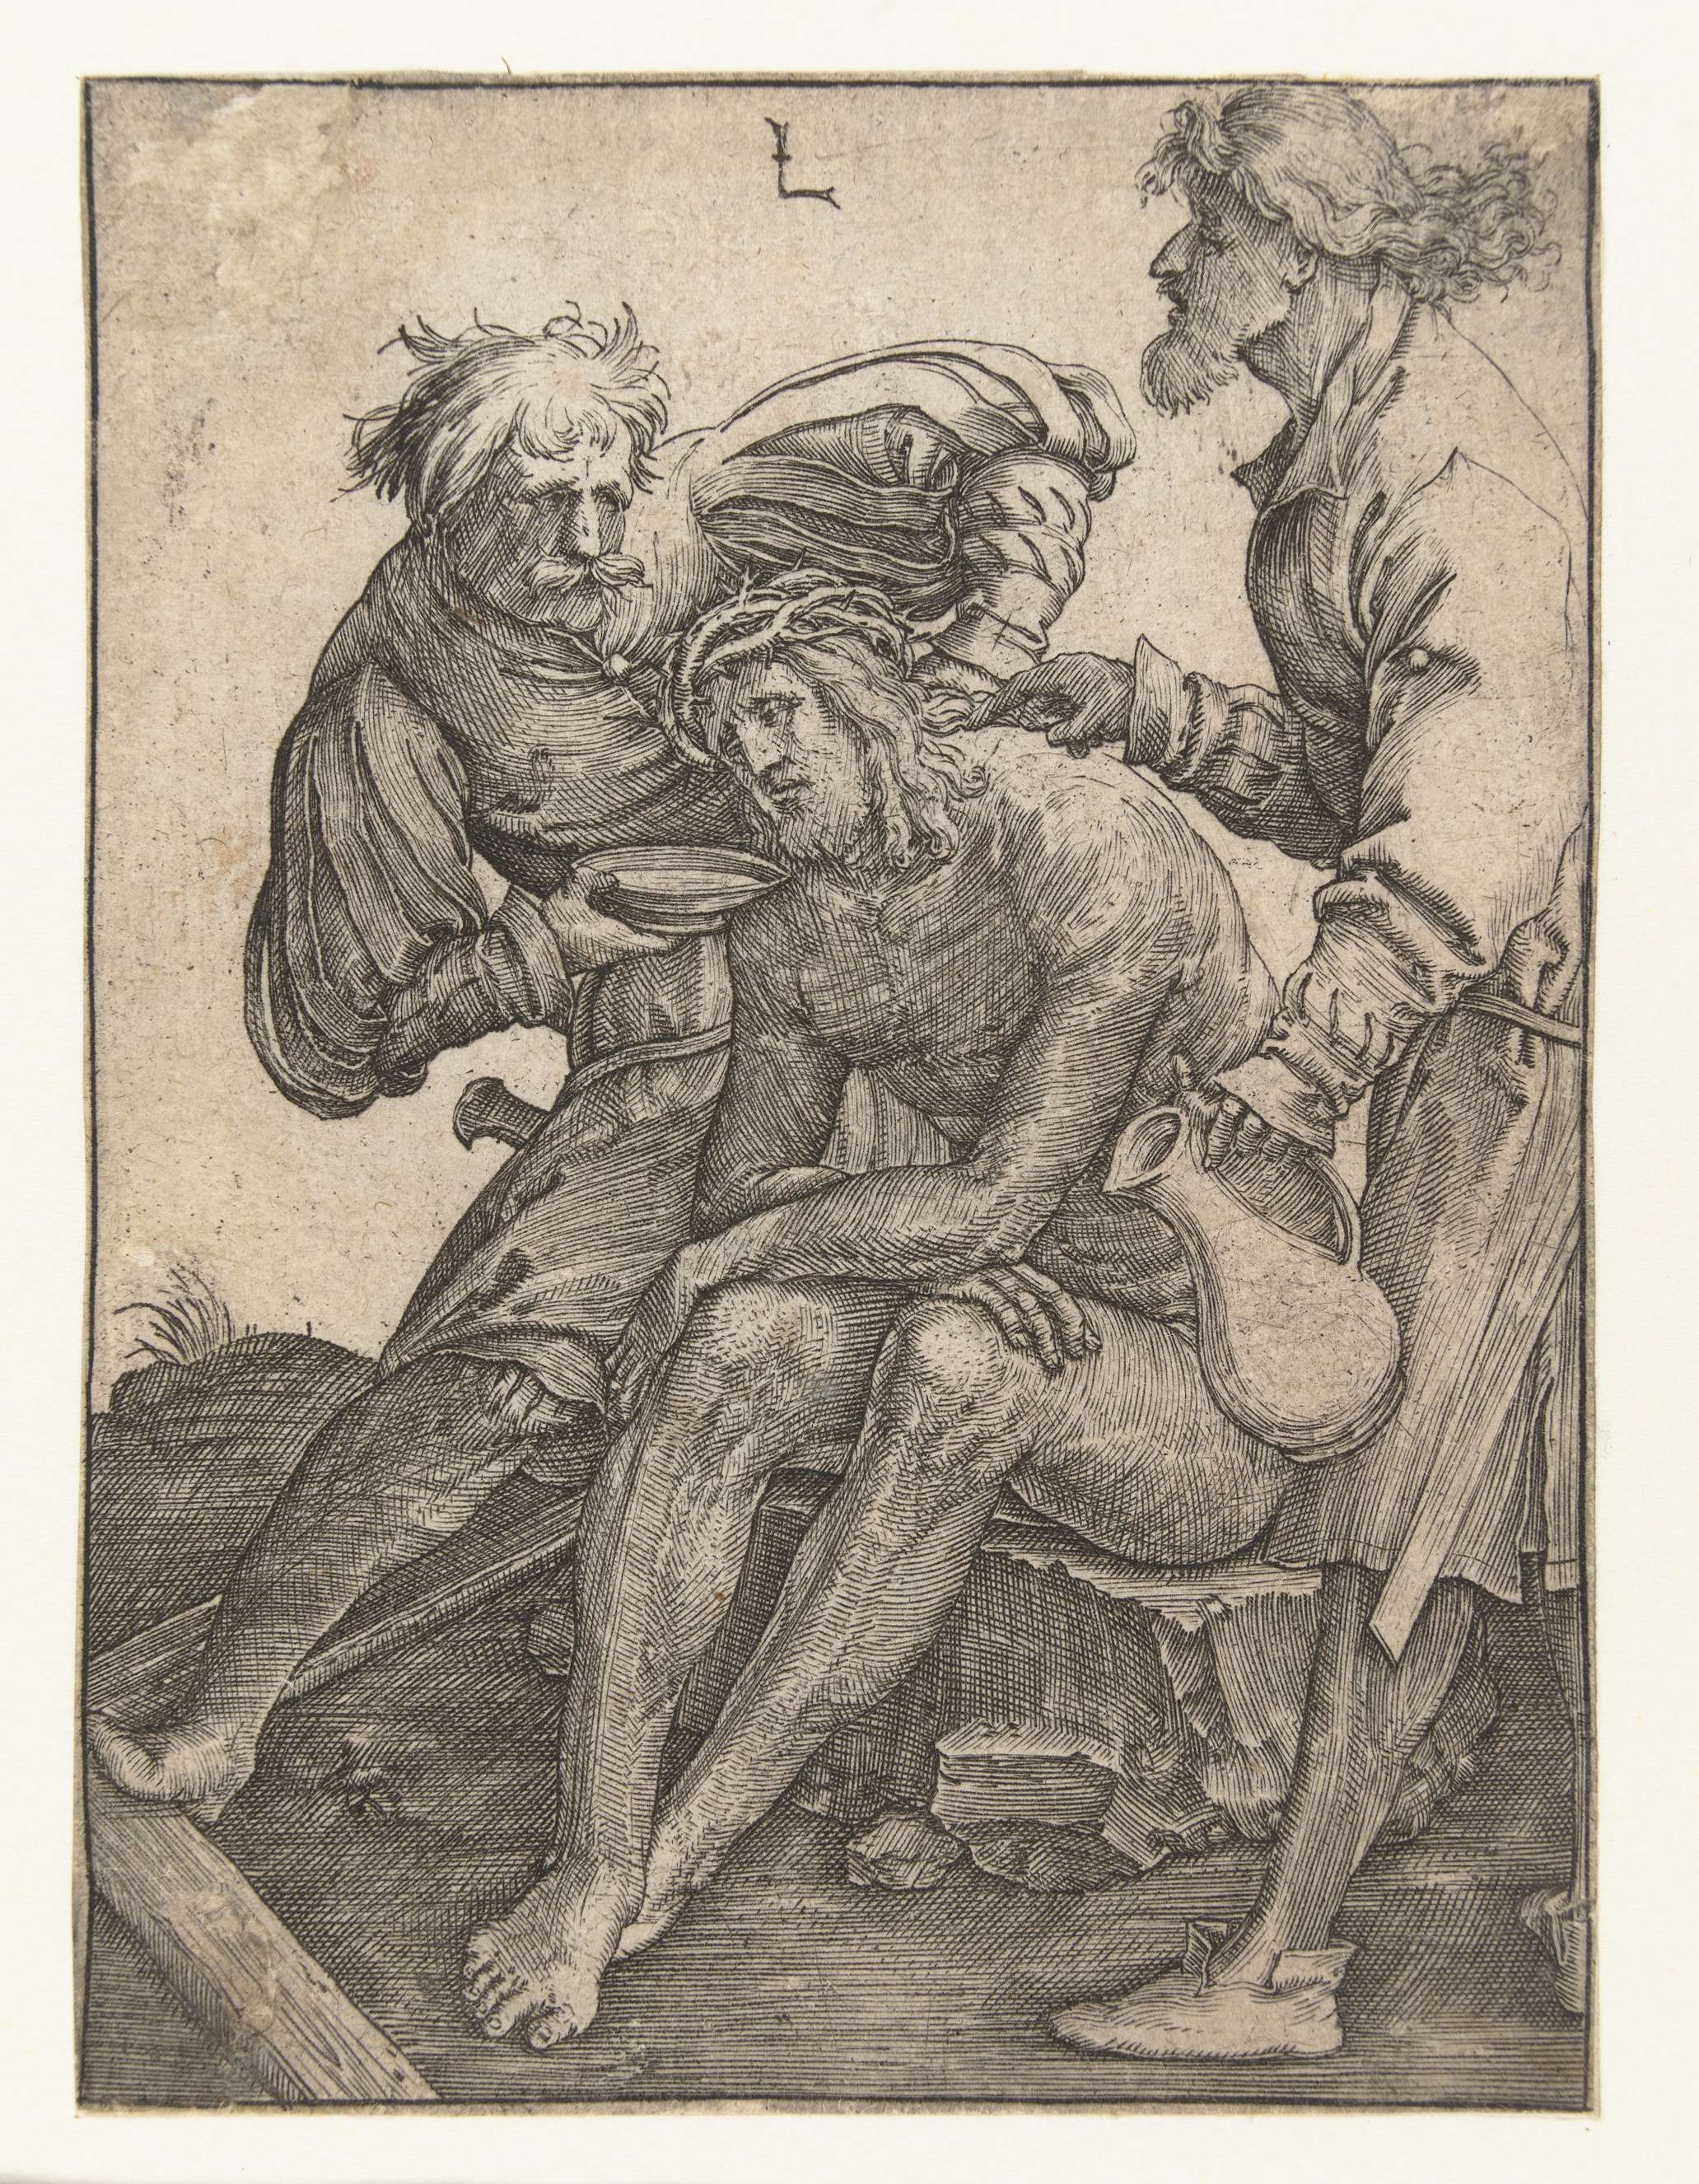 Lucas van Leyden | Soldaten geven Christus te drinken, Lucas van Leyden, 1510 - 1514 | Christus zittend op een steen. Een man biedt hem een schaal met drinken aan, een andere man heeft een kruik in zijn hand.